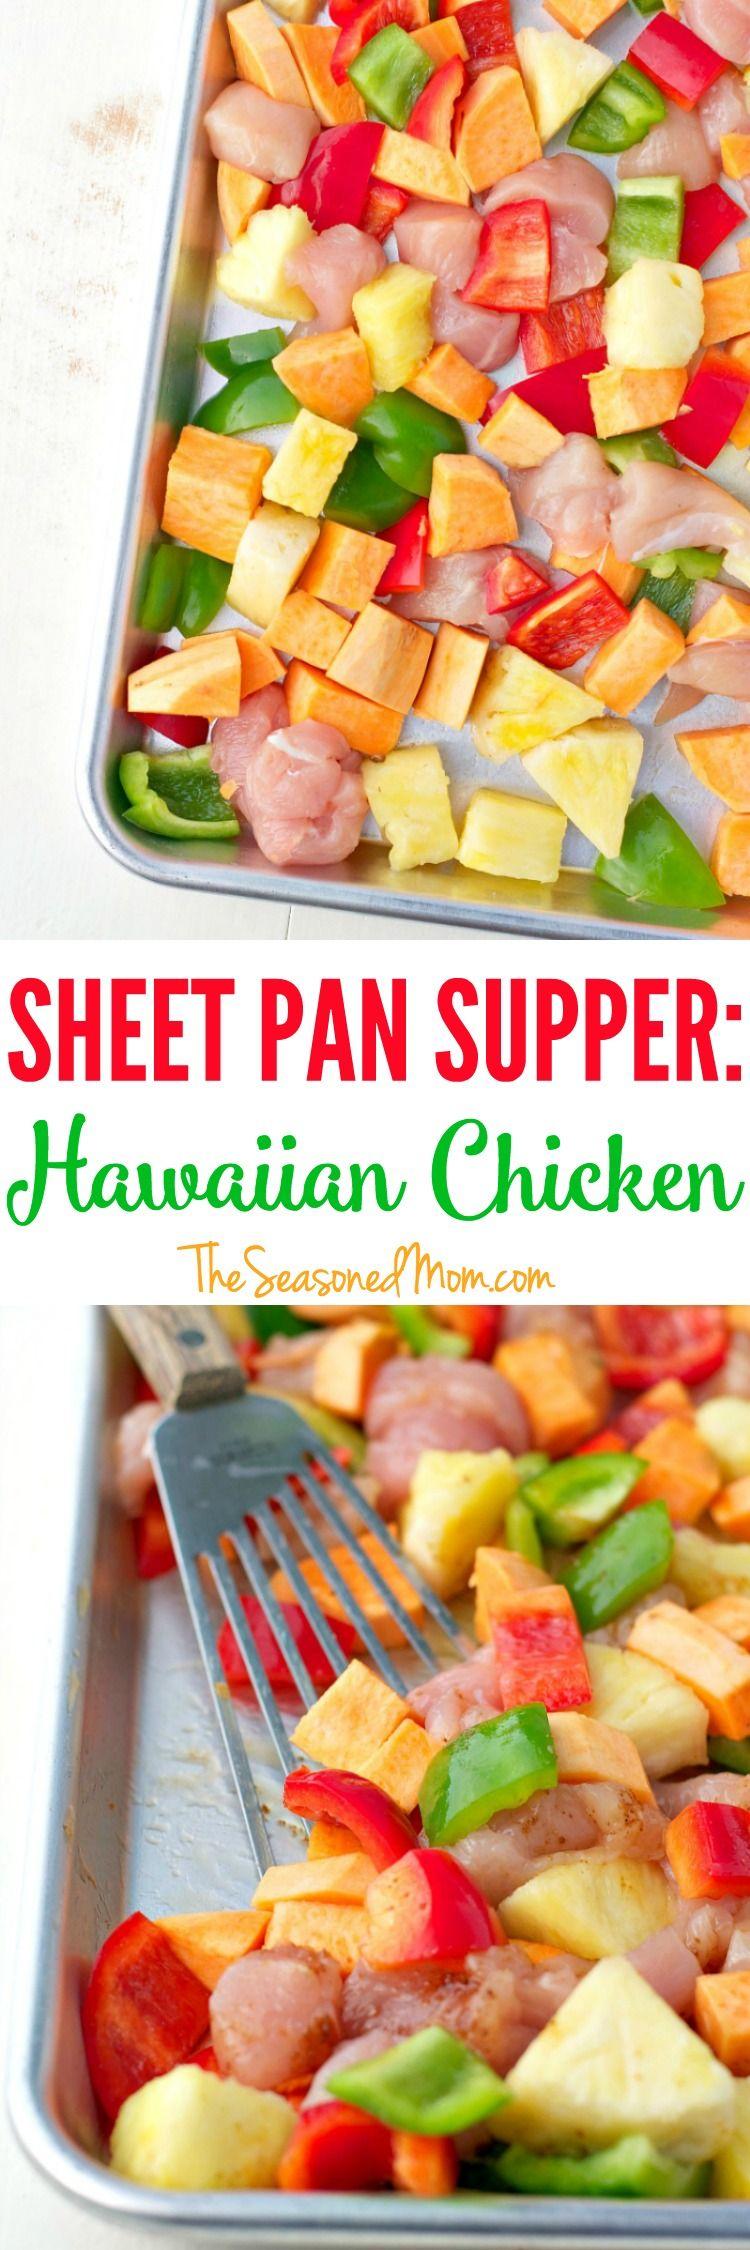 Sheet Pan Supper: Hawaiian Chicken